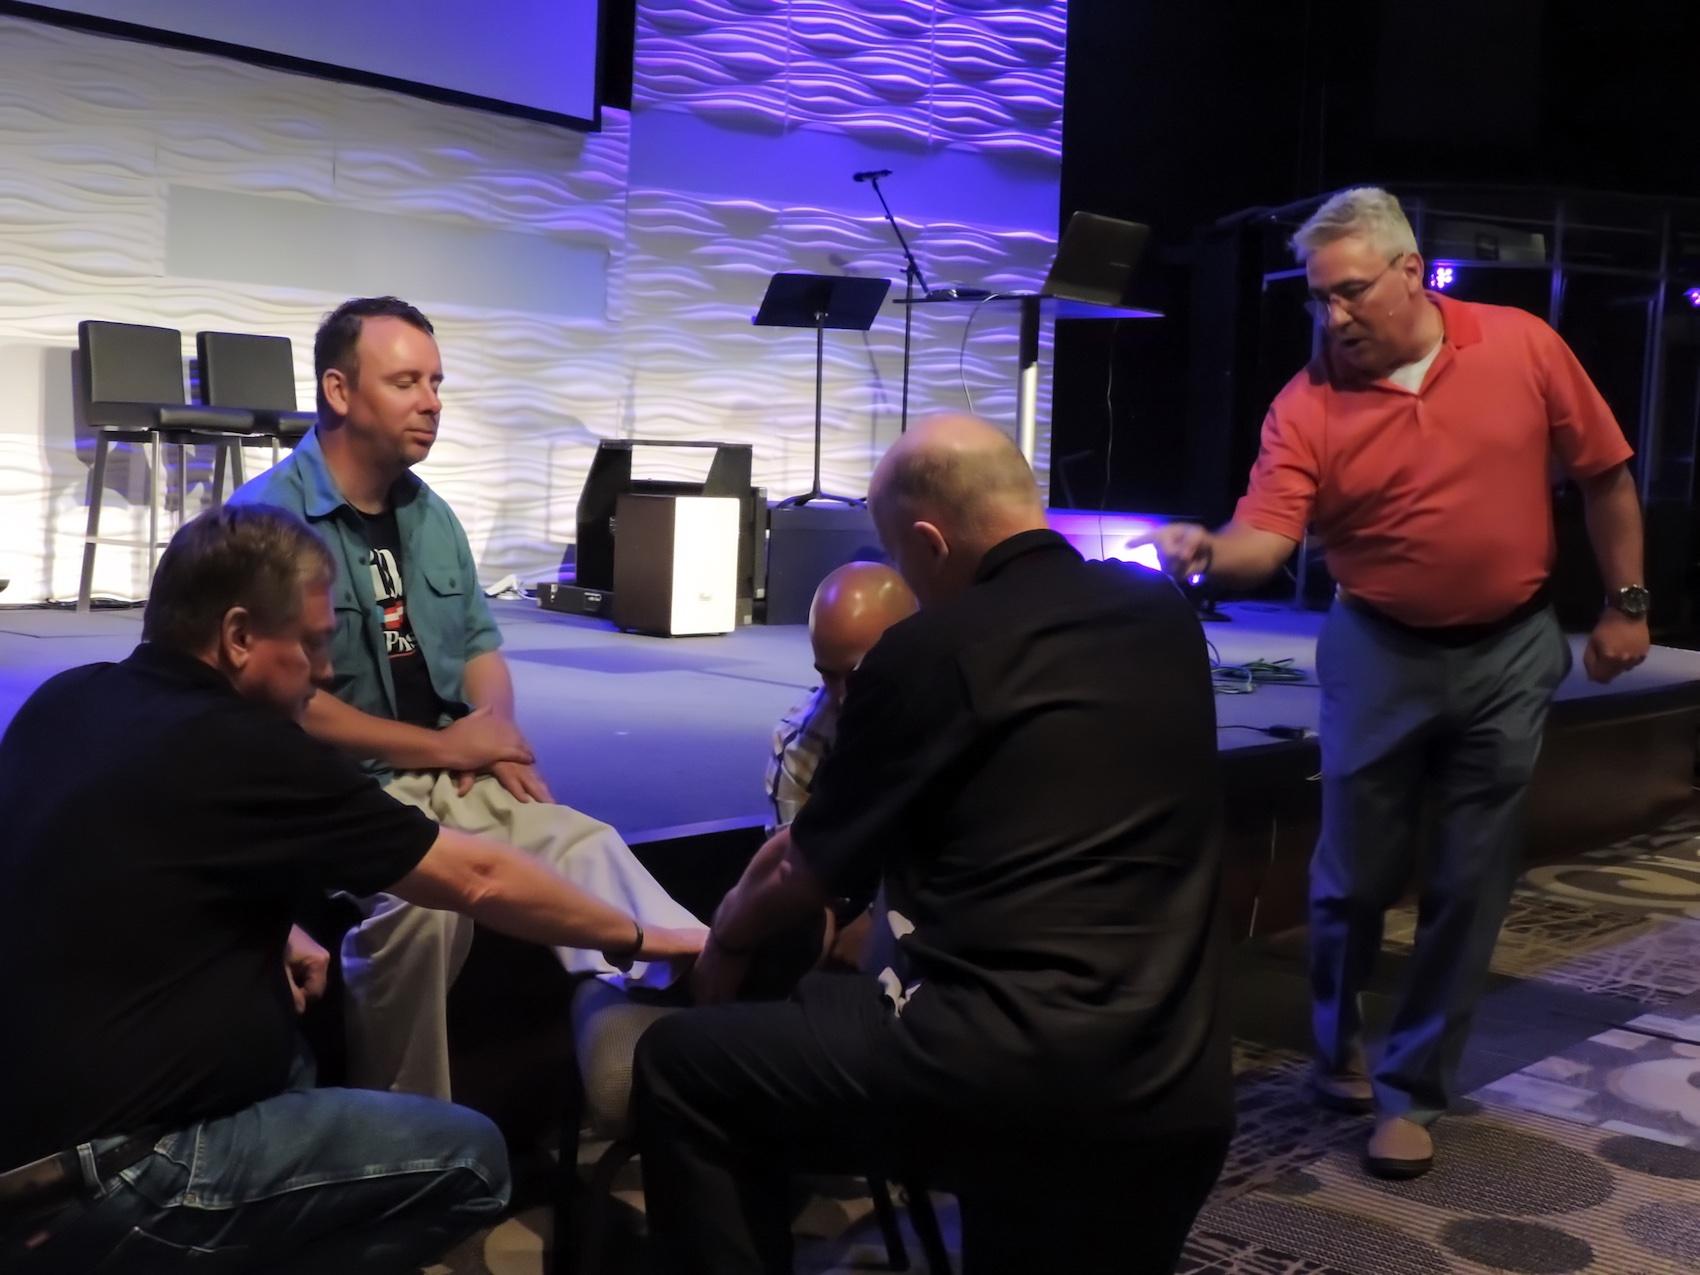 colonel-healing-authority-evangelism